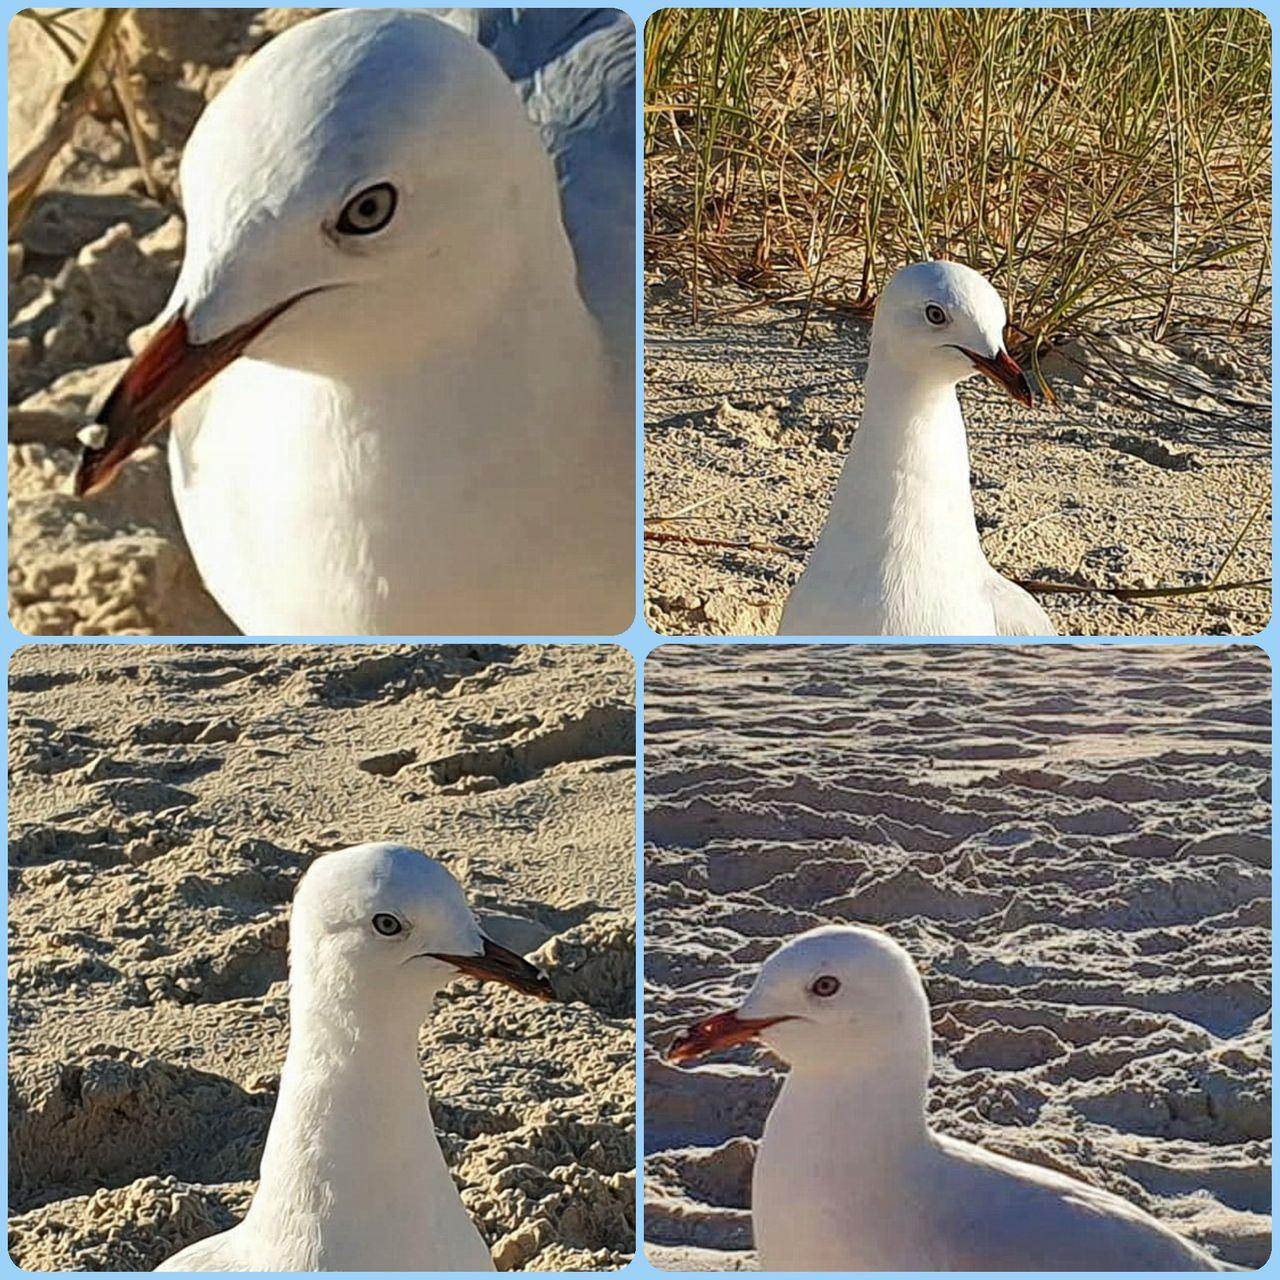 bird_10u.jpg